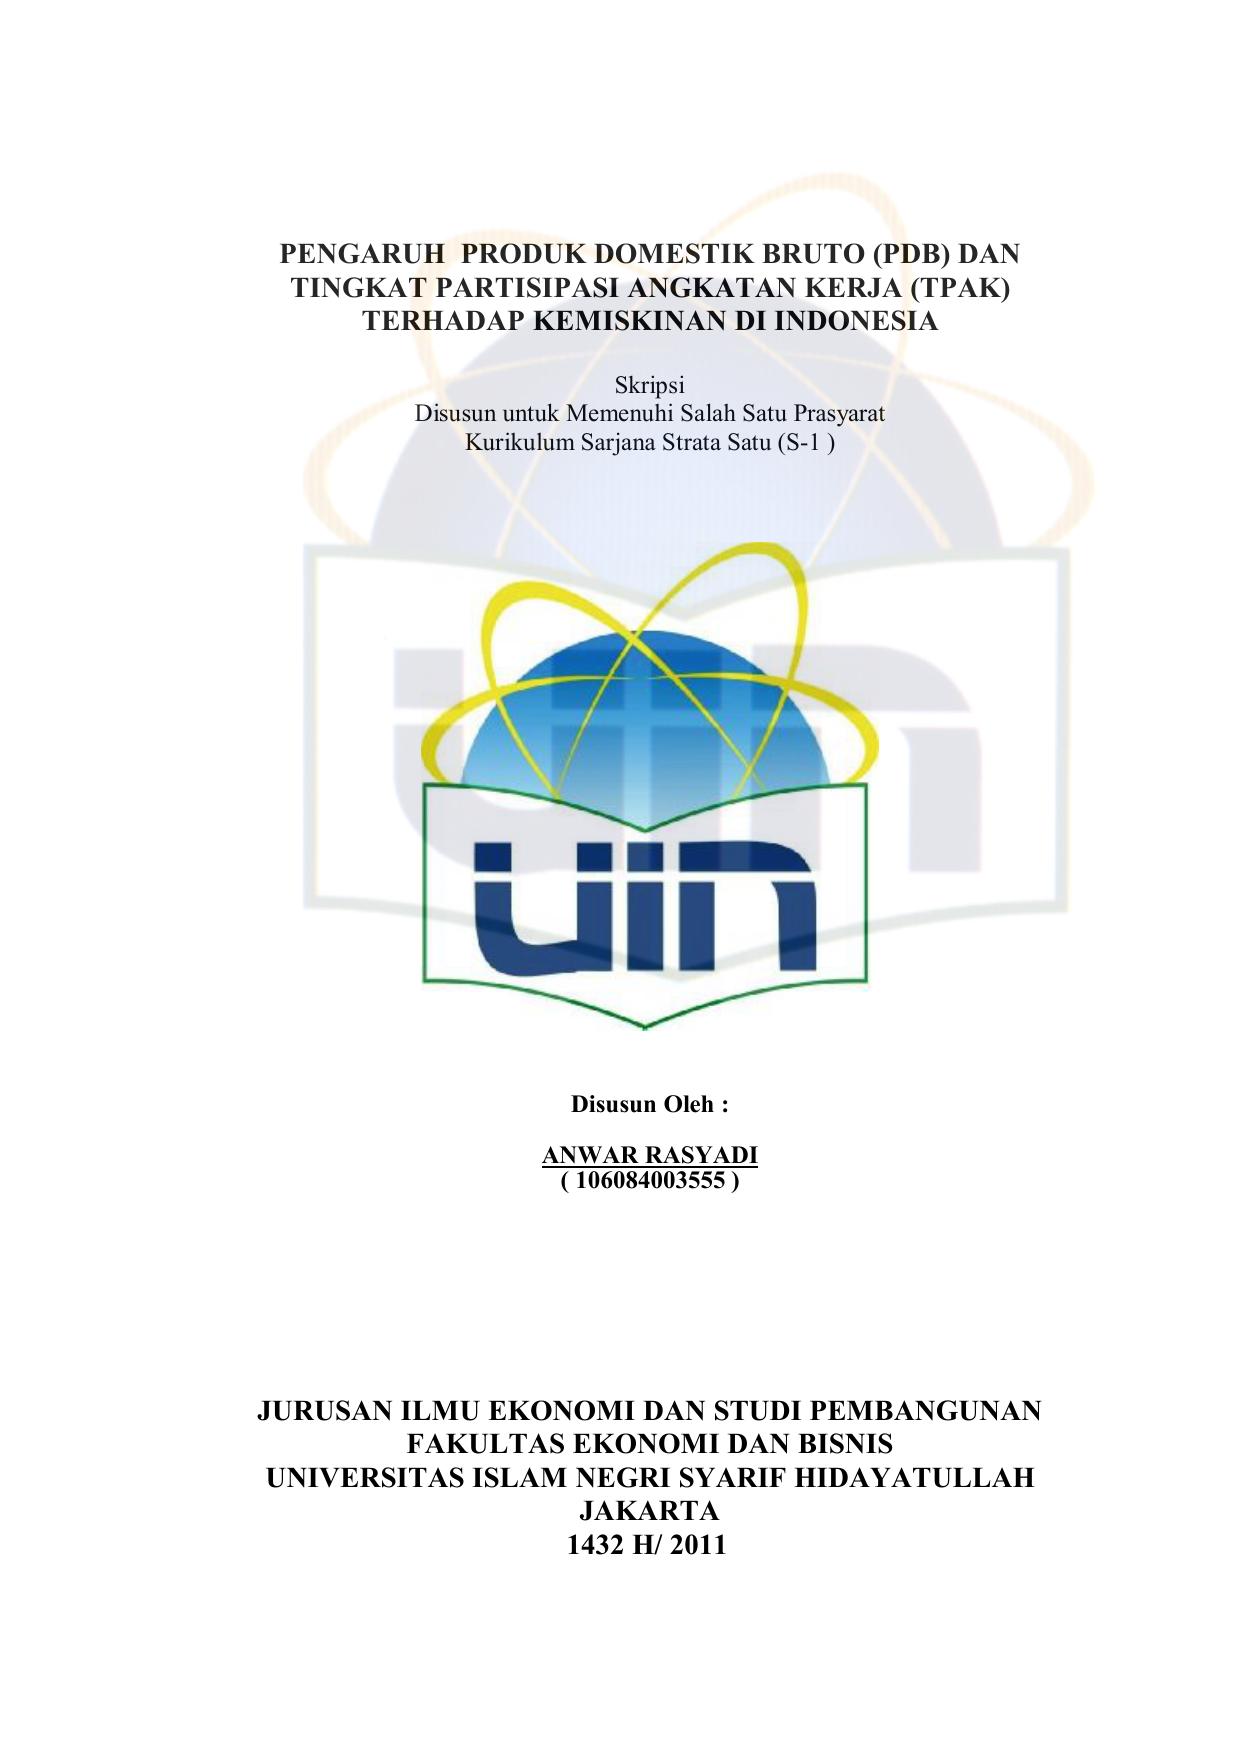 Awang Skripsi Institutional Repository Uin Syarif Hidayatullah